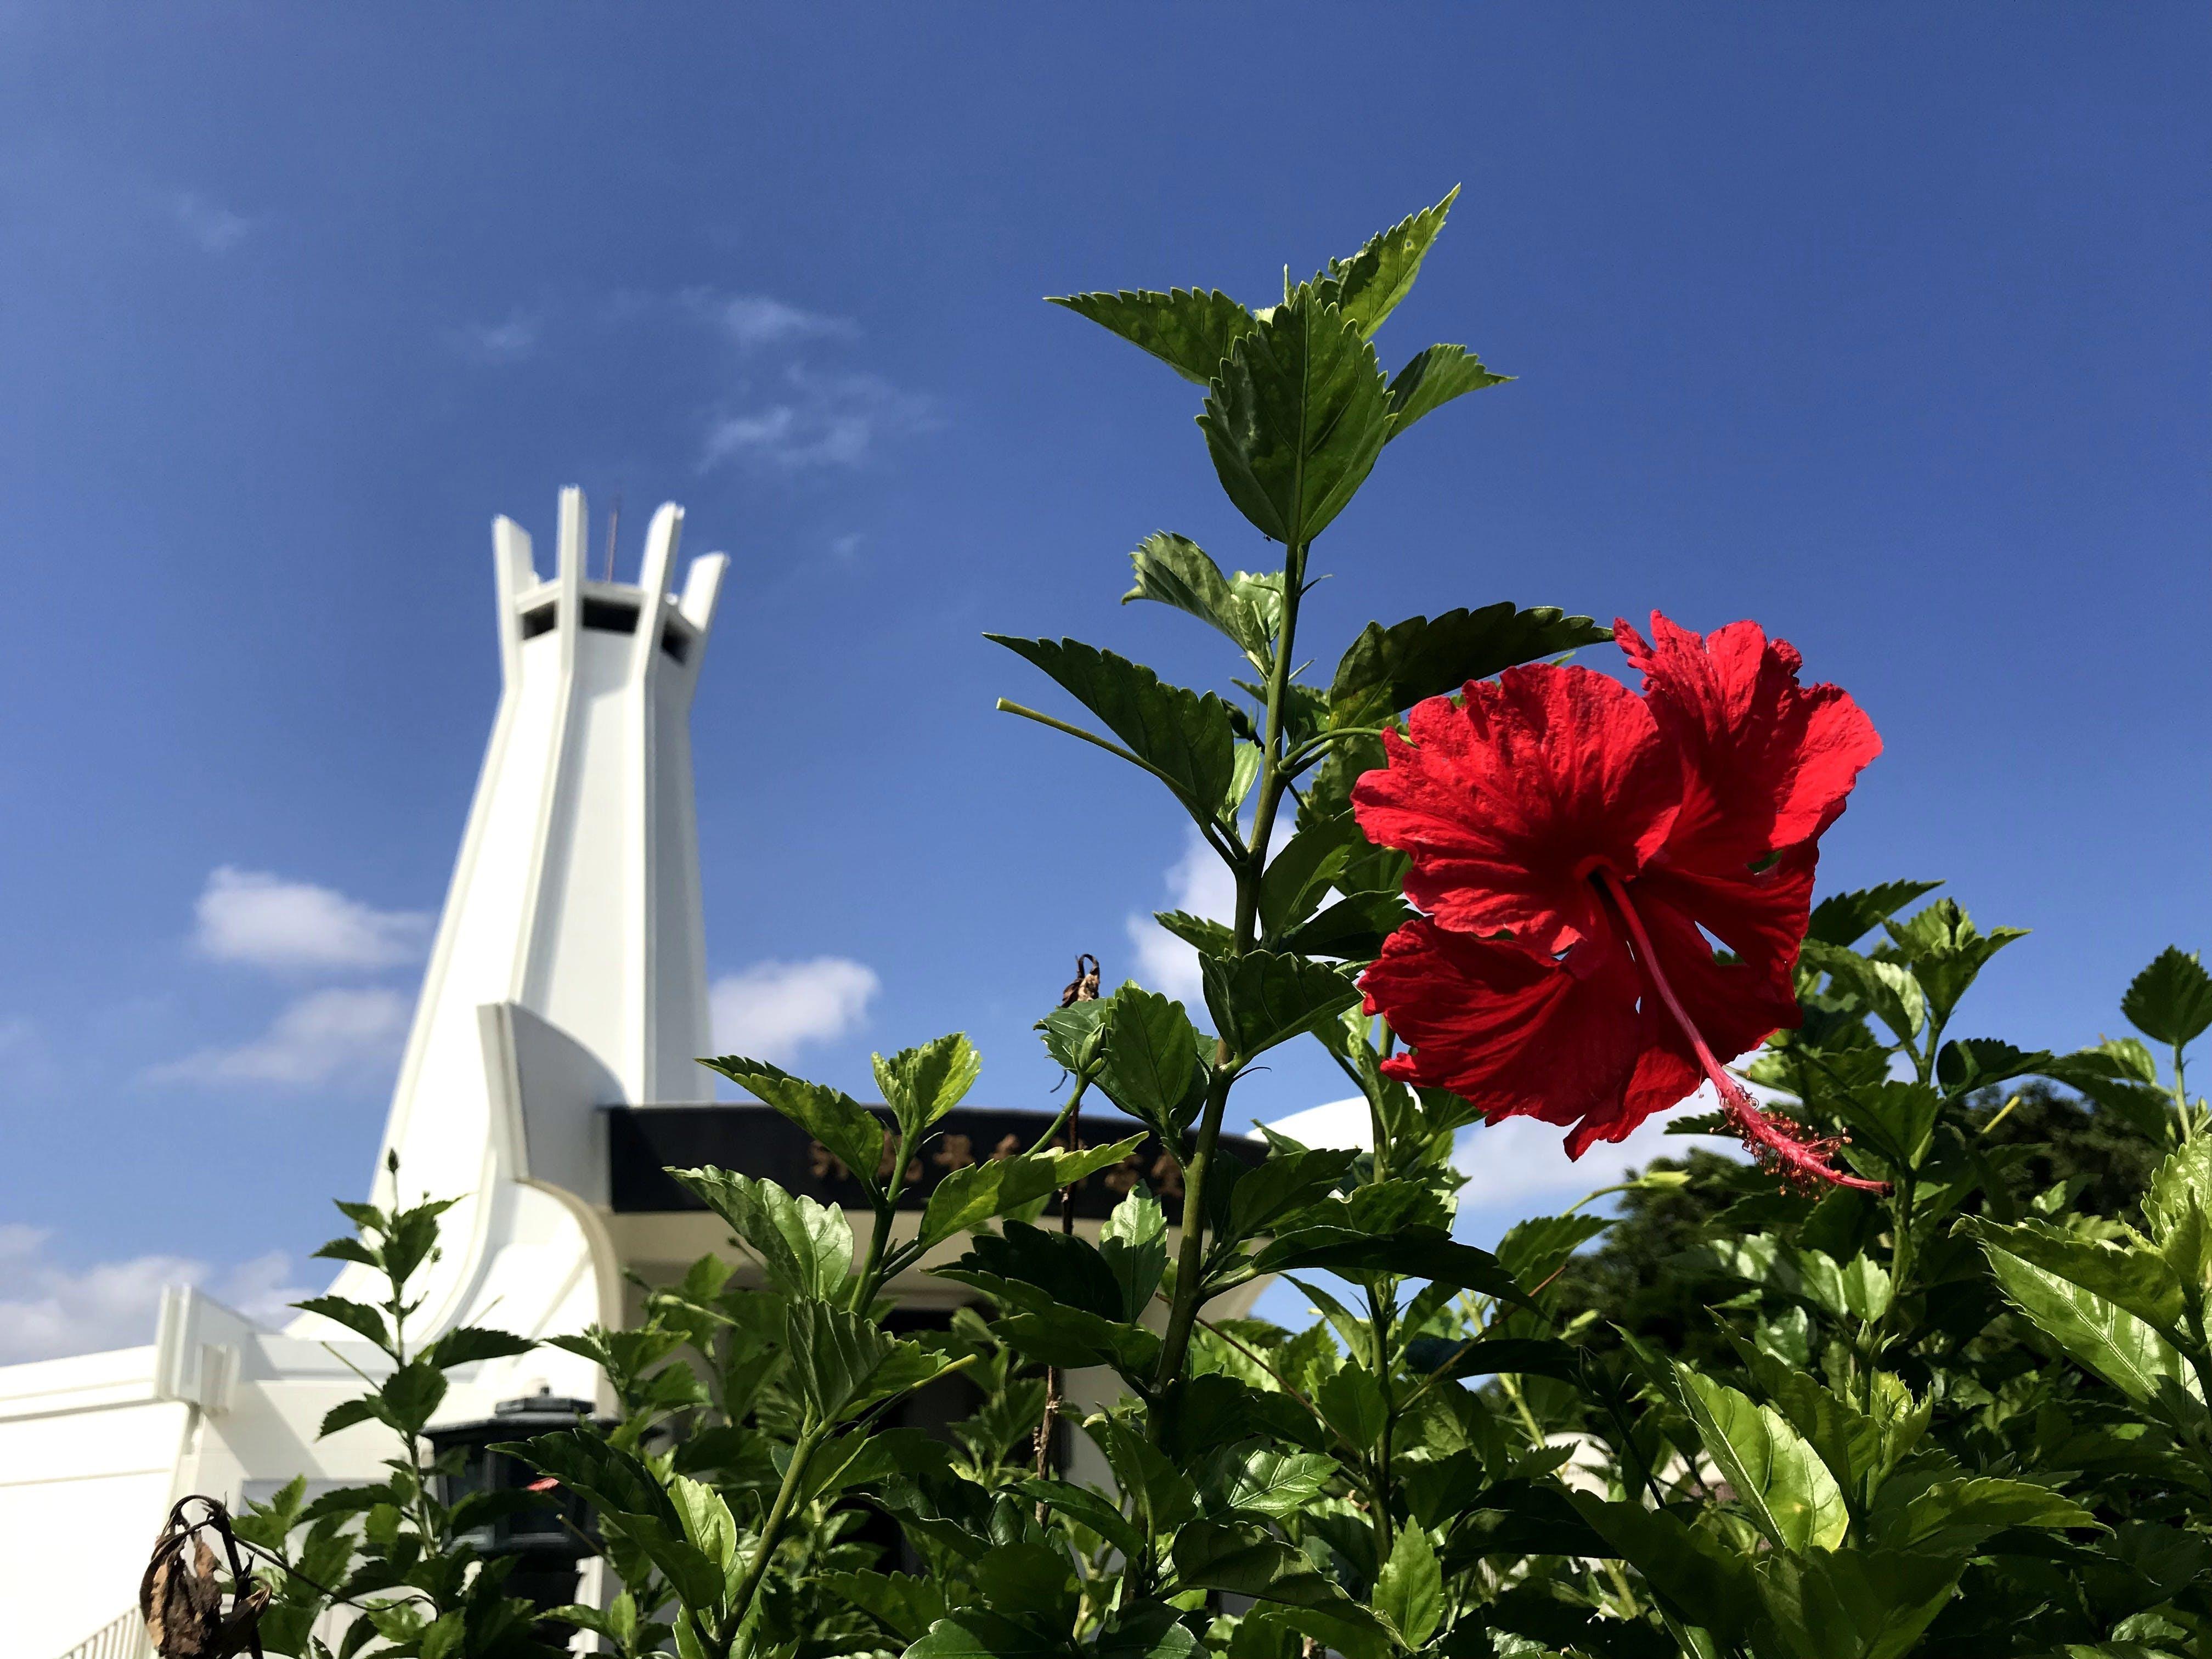 沖縄平和祈念公園の白い塔&真っ赤なハイビスカス